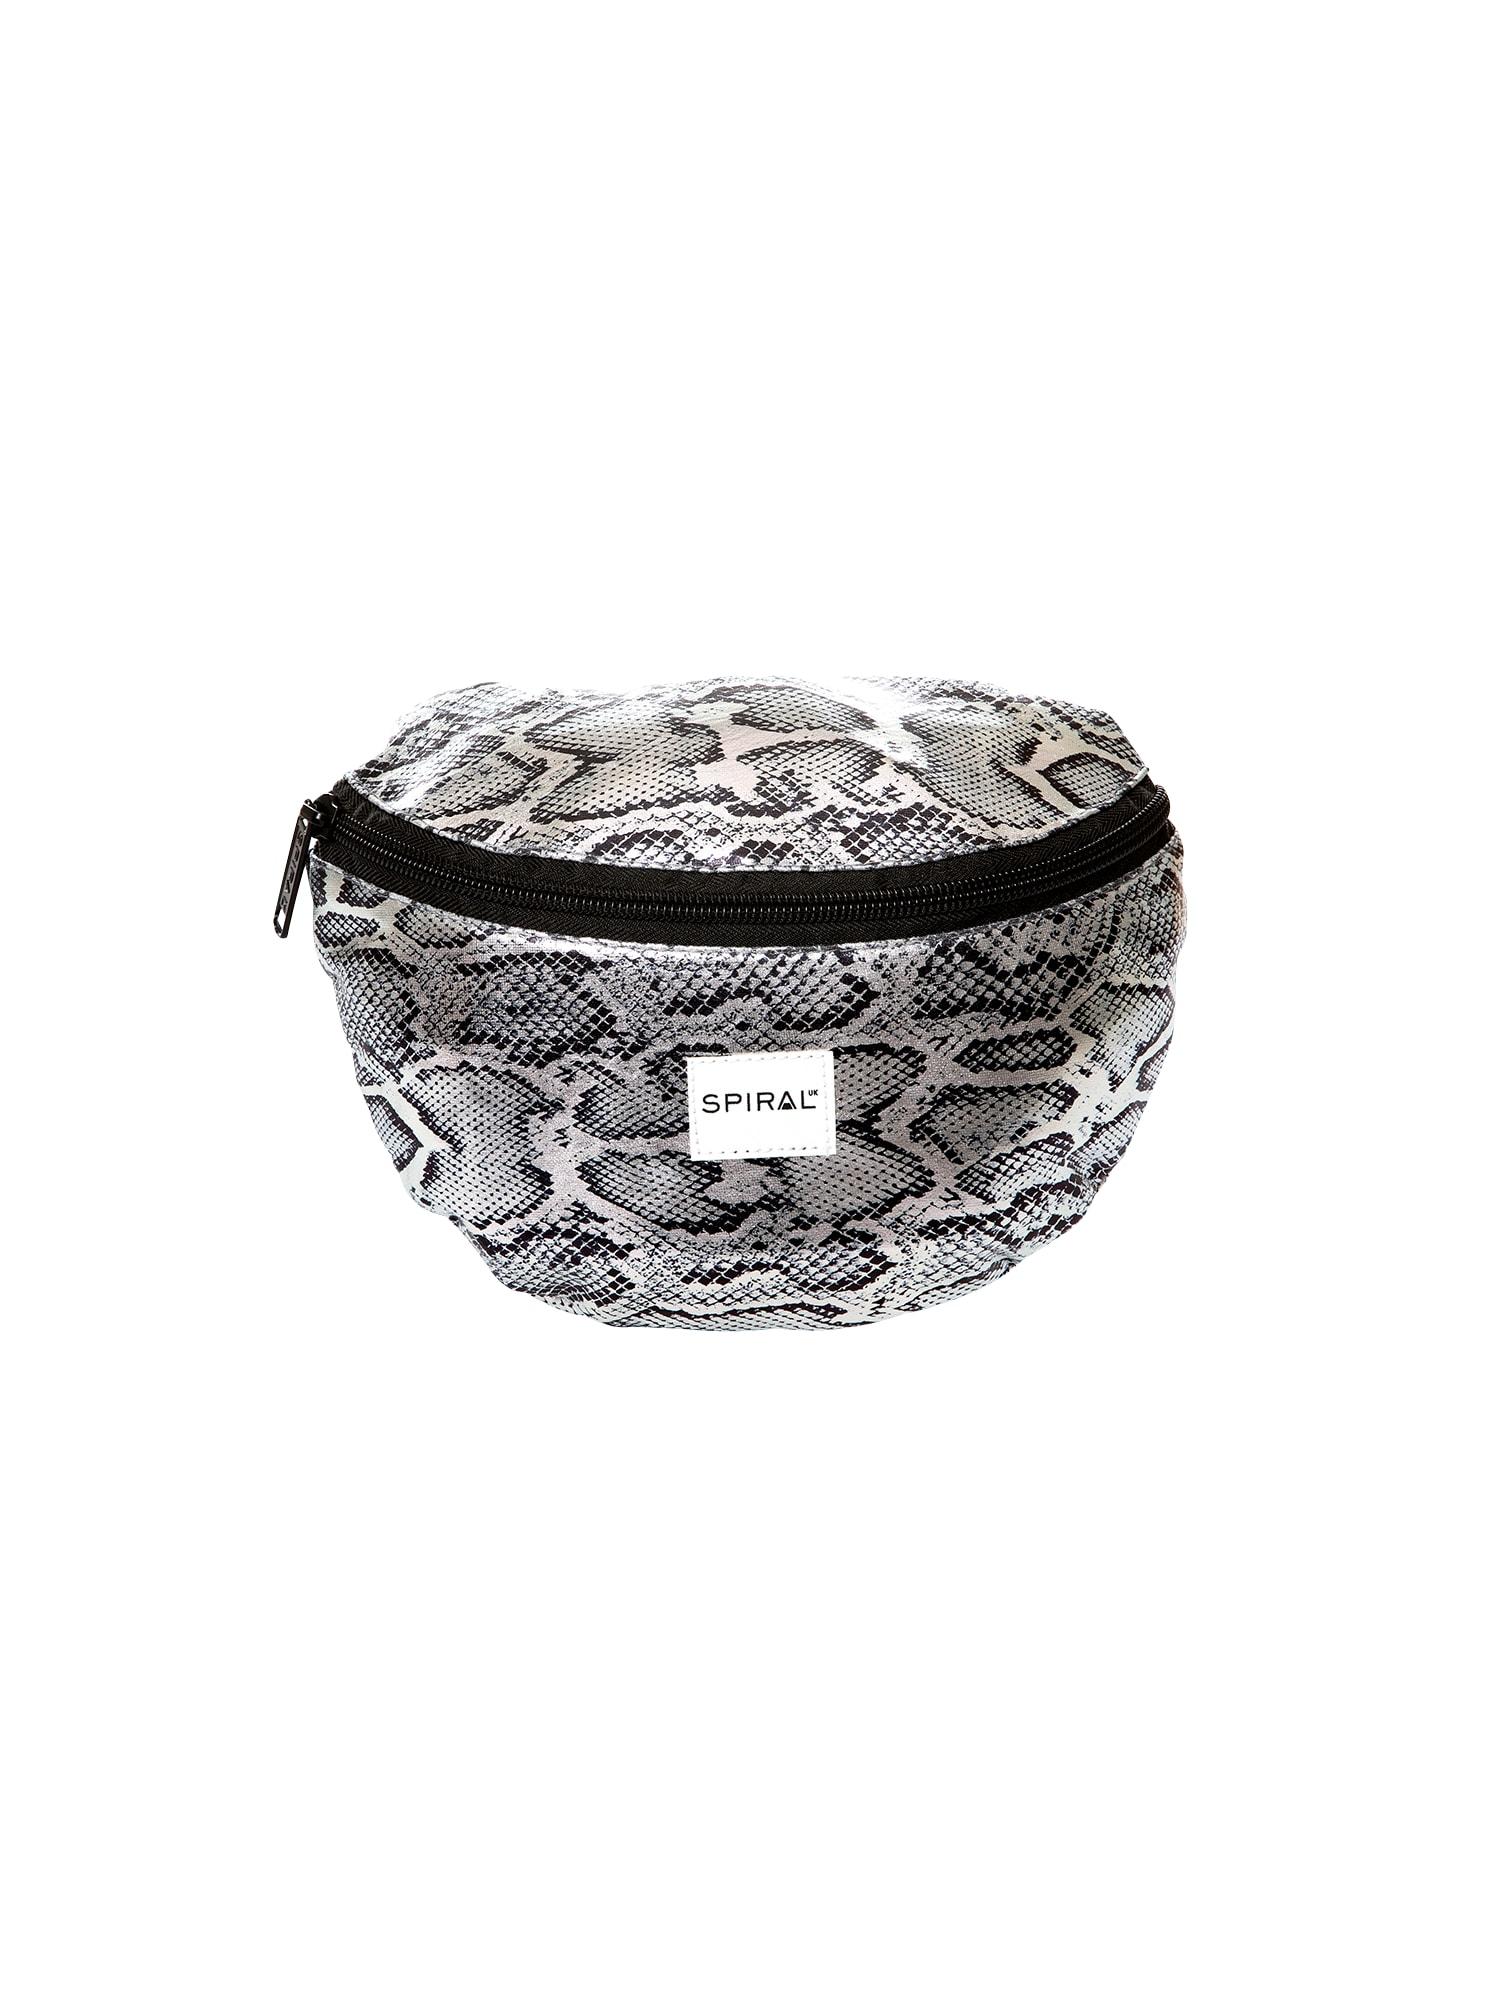 Gürteltasche 'BUM BAG 10' | Accessoires > Portemonnaies > Sonstige Portemonnaies | Spiral